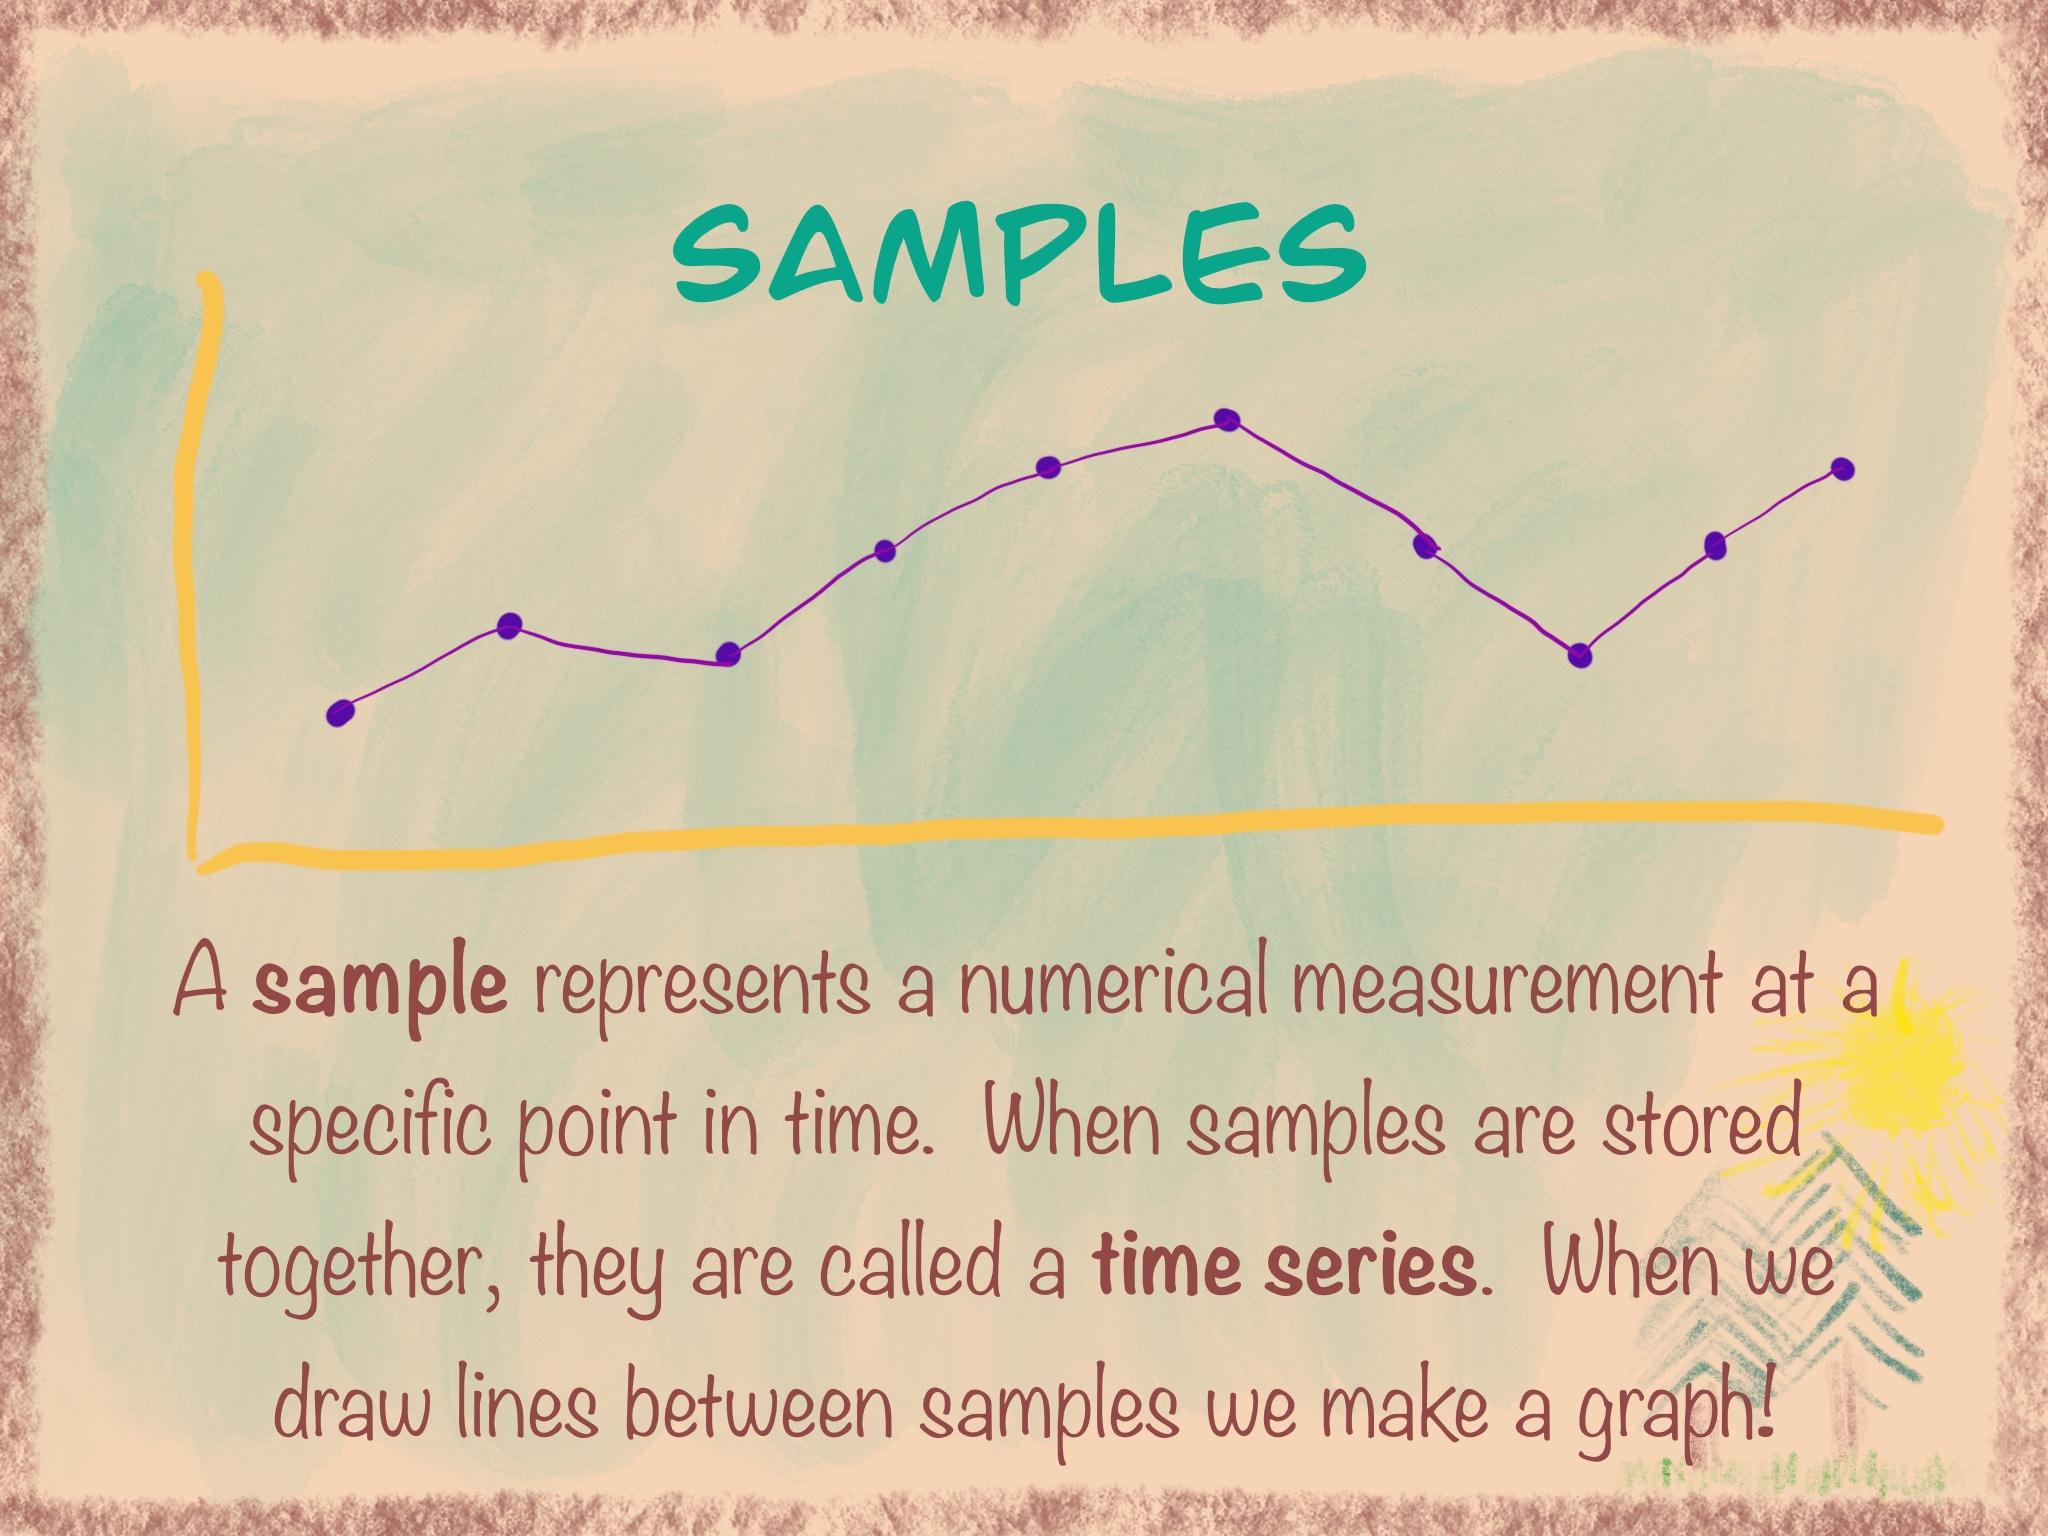 samples-explainer